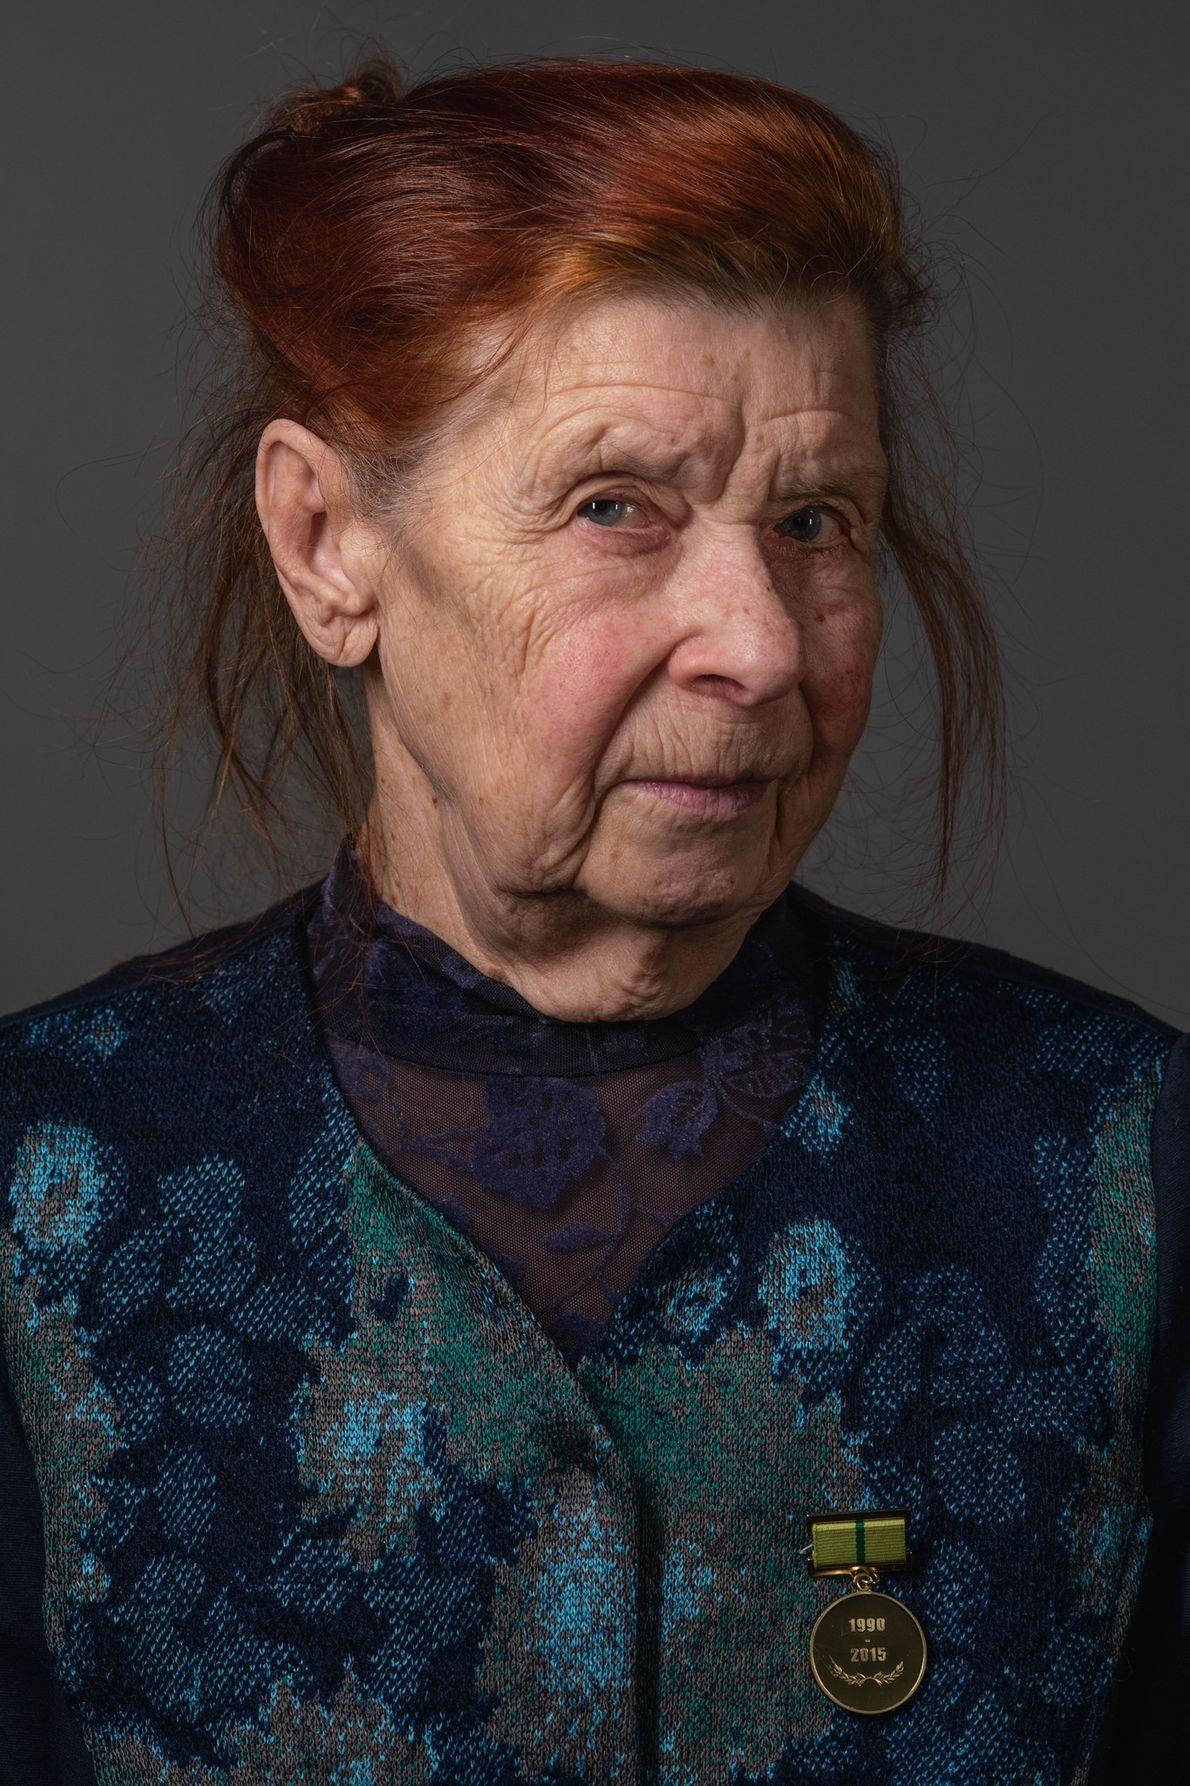 Vera Nikitina, Leningrad blockade survivor